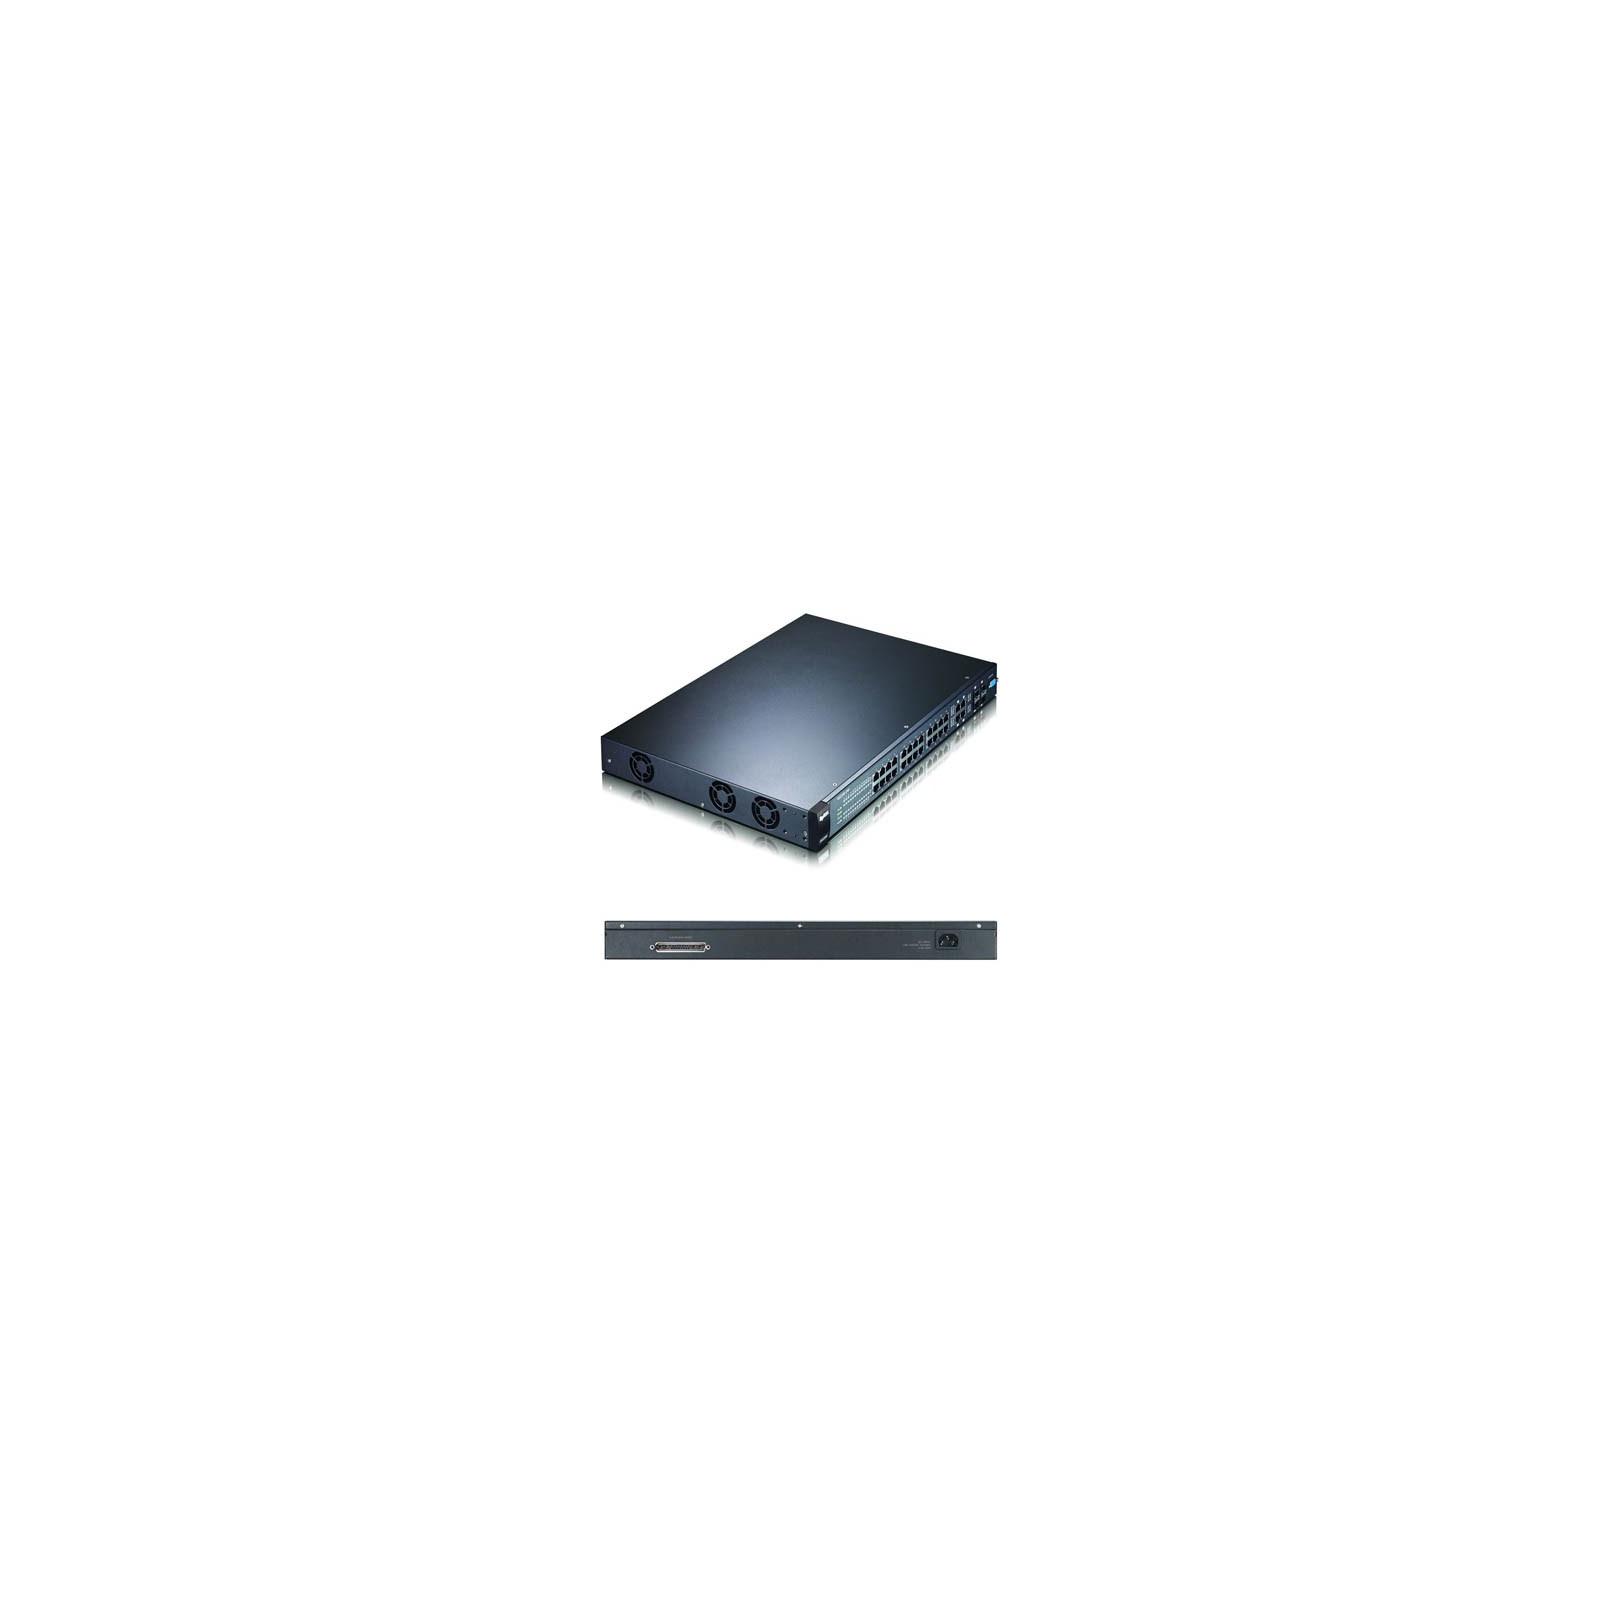 Коммутатор сетевой ZyXel GS2200-24P изображение 2